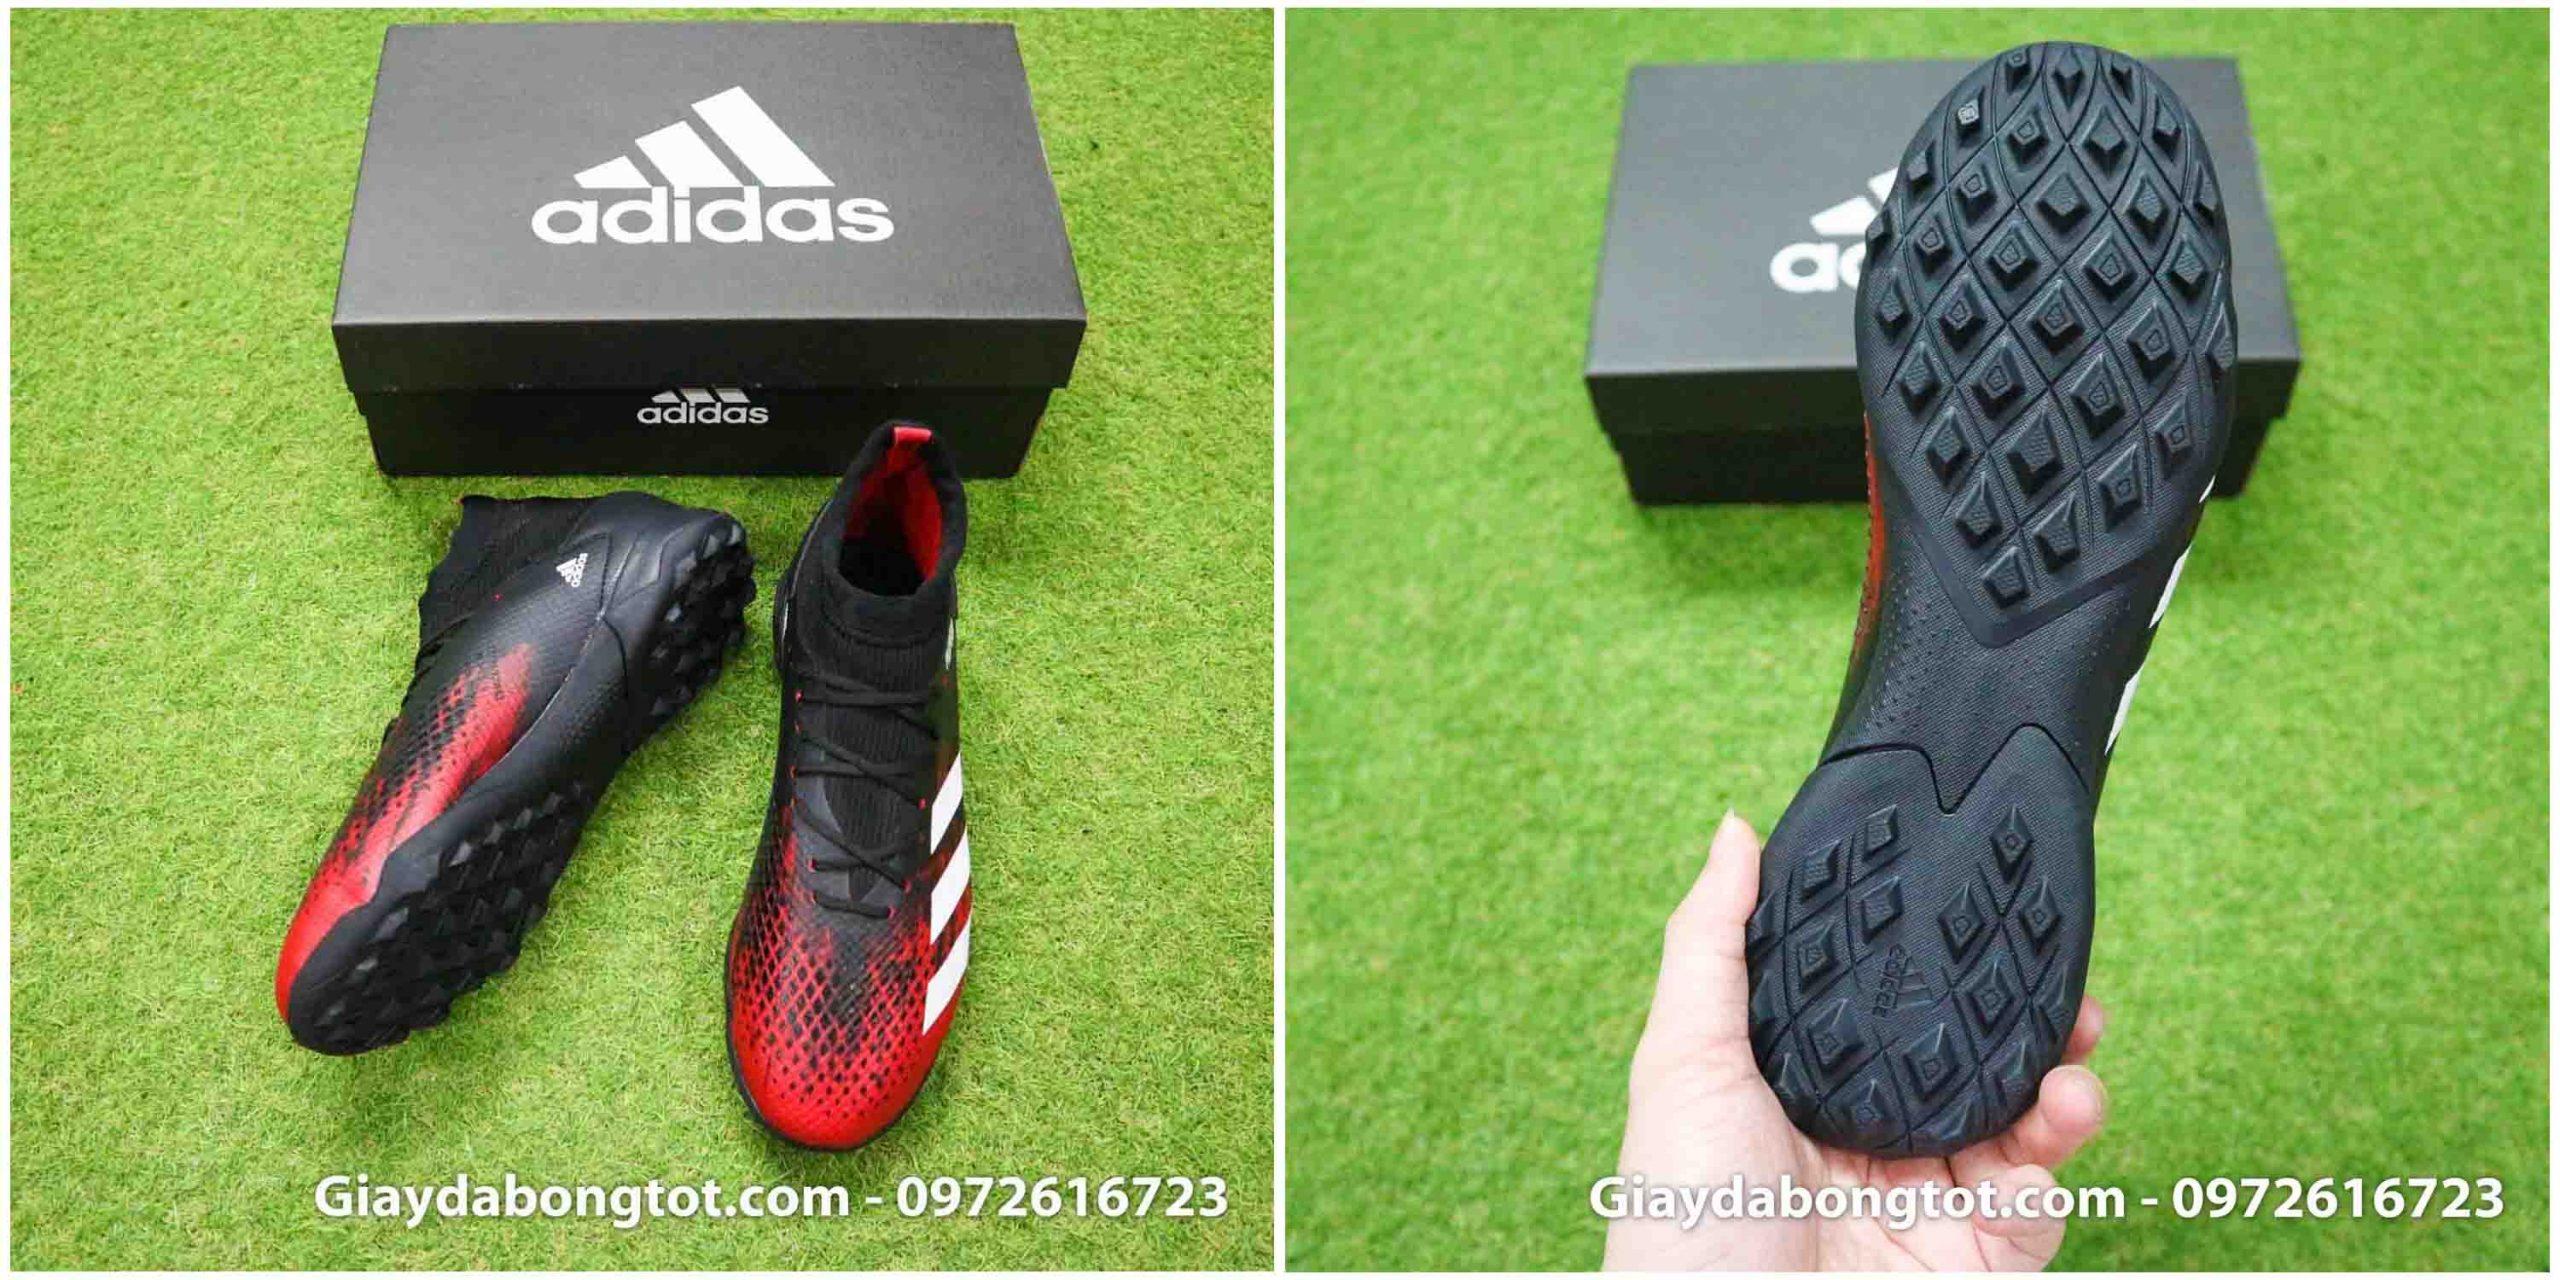 Giày đá bóng sân cỏ nhân tạo Predator 20.3 TF với thiết kế cực kỳ đẹp mắt